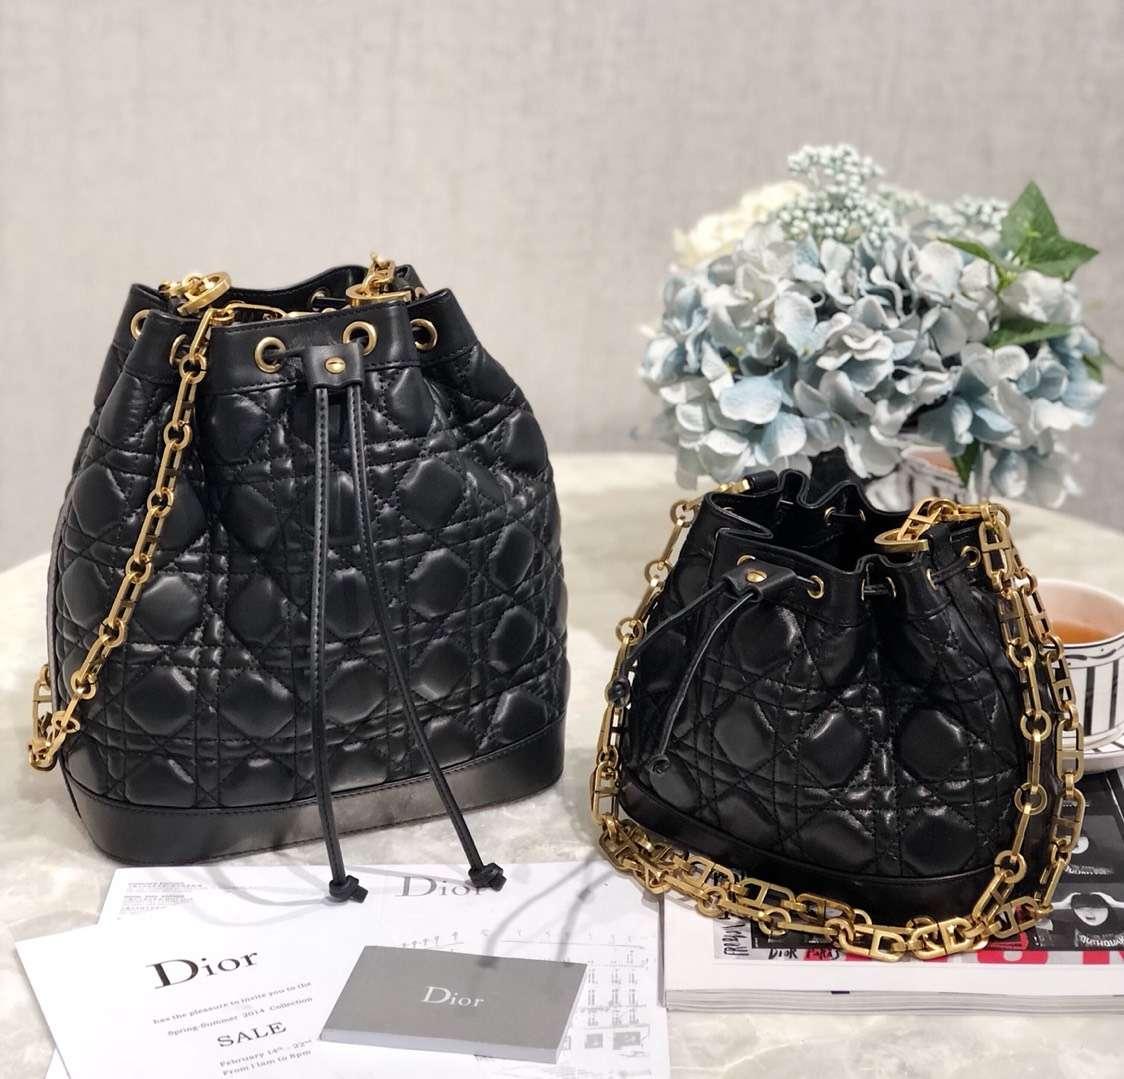 广州白云皮具城 Dior迪奥19年新款黑色羊皮菱格链条水桶包小号18CM